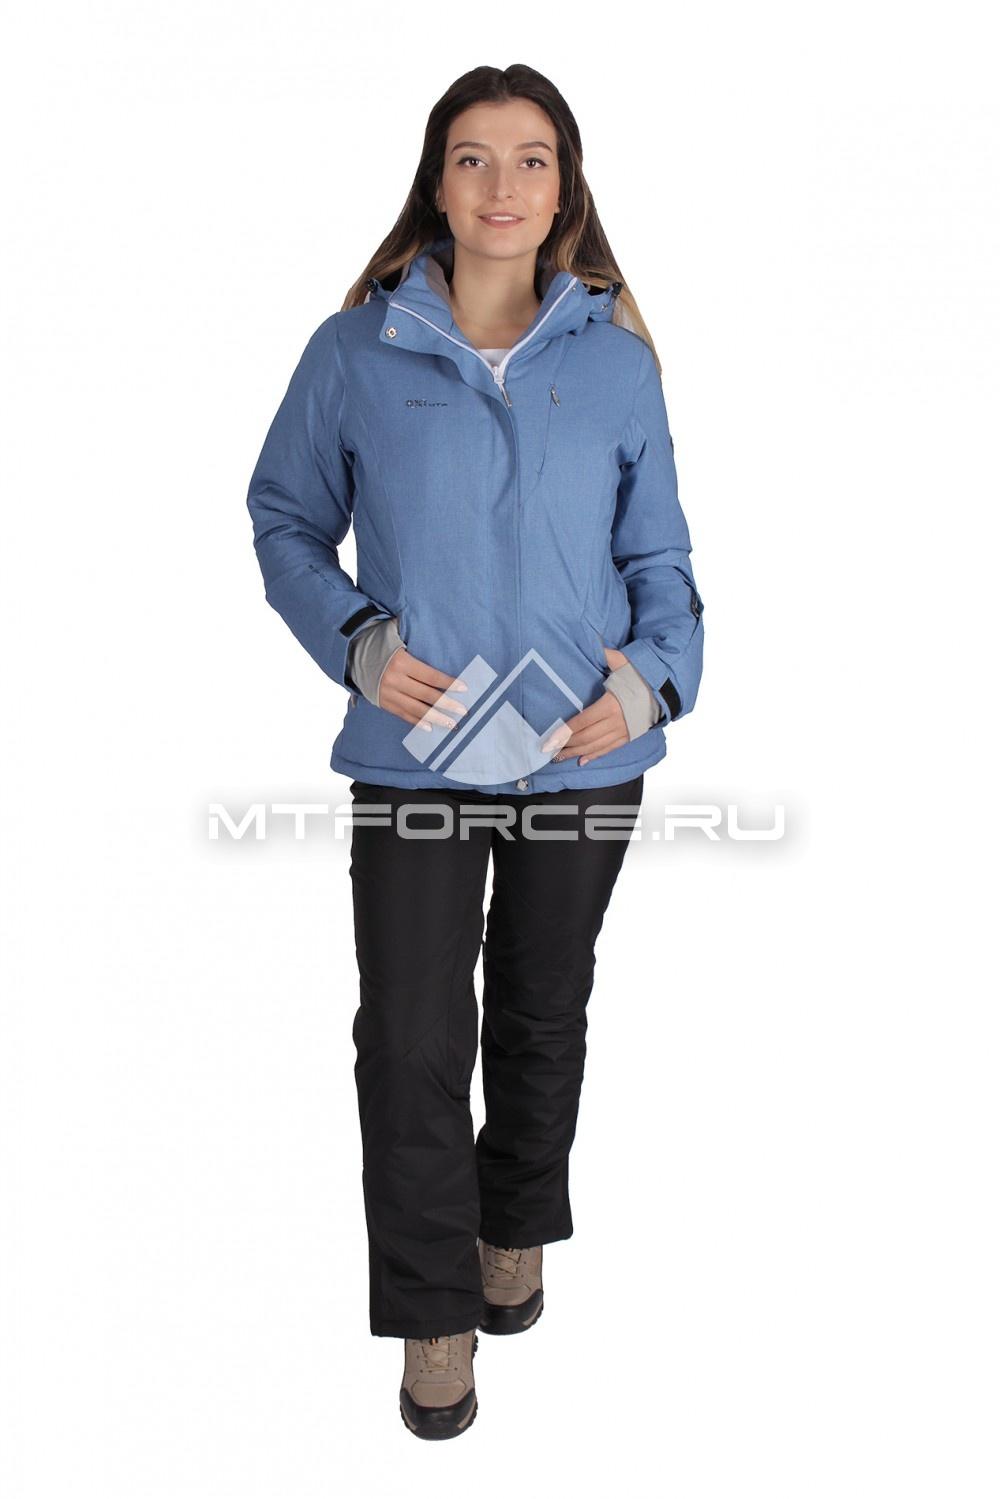 Купить                                  оптом Костюм горнолыжный женский синего цвета 01631-1S